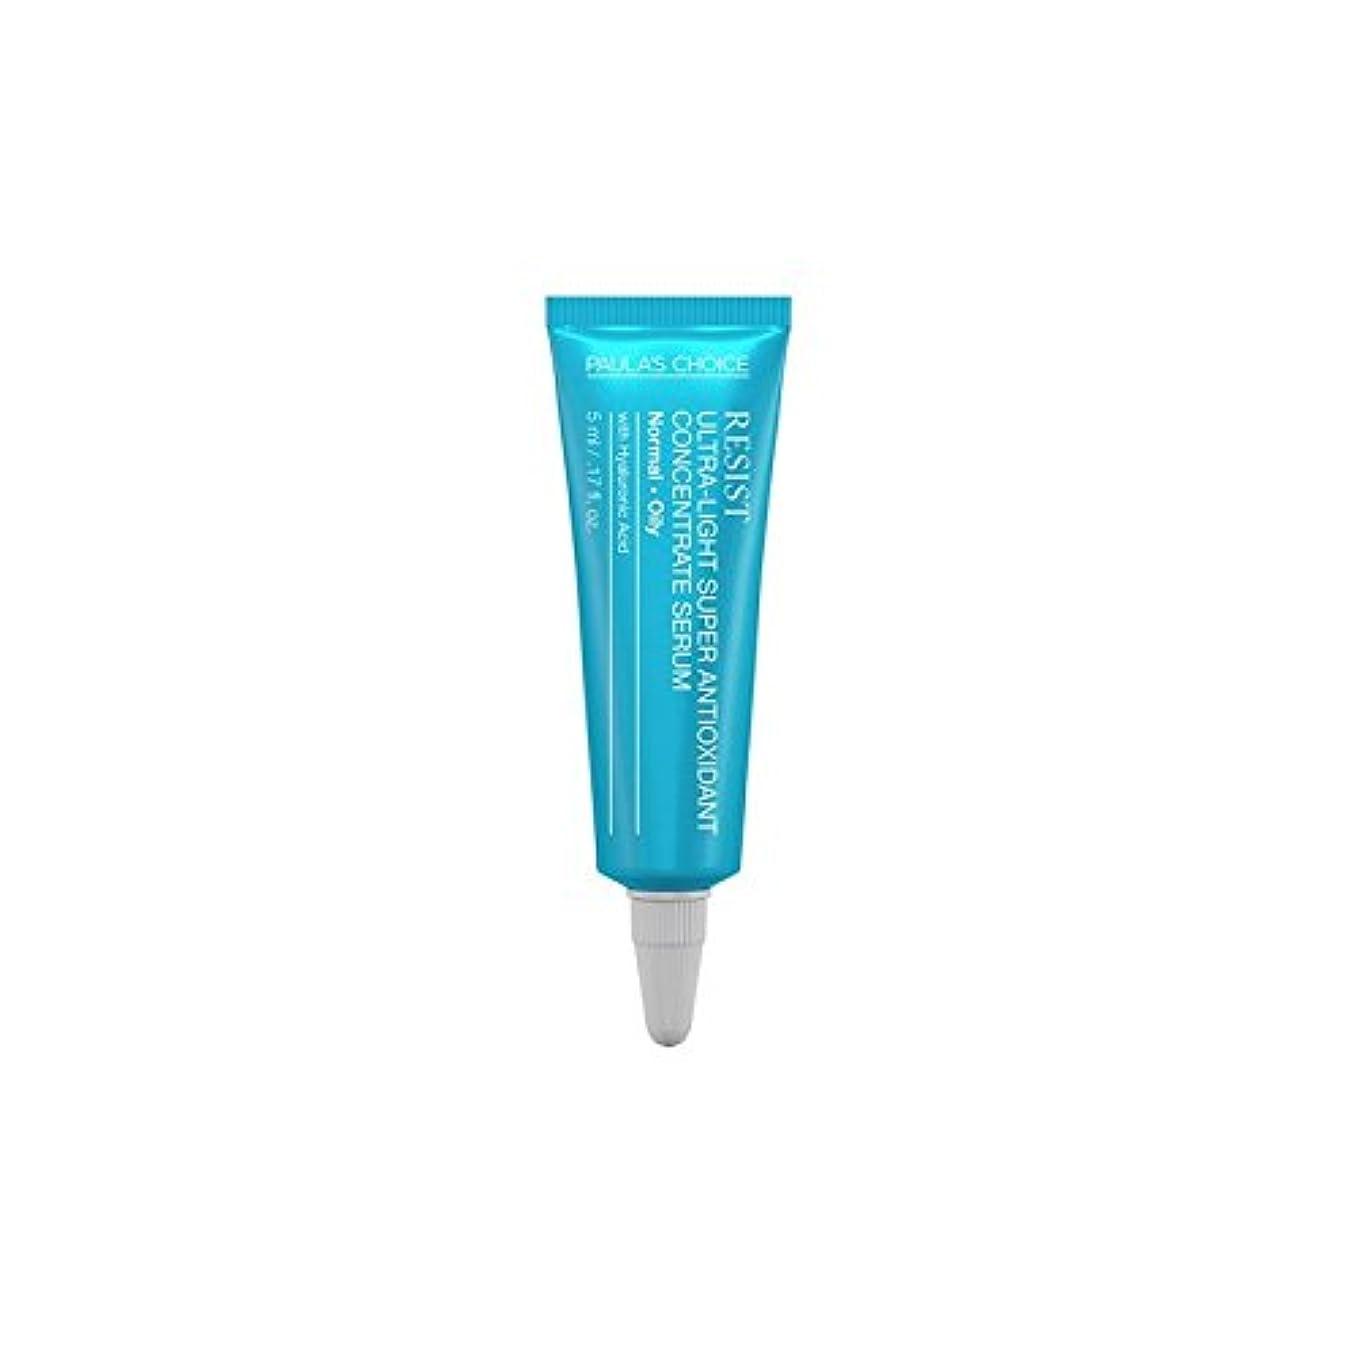 フィラデルフィアアレイ小さいトライアルサイズ(5ミリリットル) - ポーラチョイスは、超軽量のスーパー抗酸化濃縮血清に抵抗します x2 - Paula's Choice Resist Ultra-Light Super Antioxidant Concentrate Serum - Trial Size (5ml) (Pack of 2) [並行輸入品]